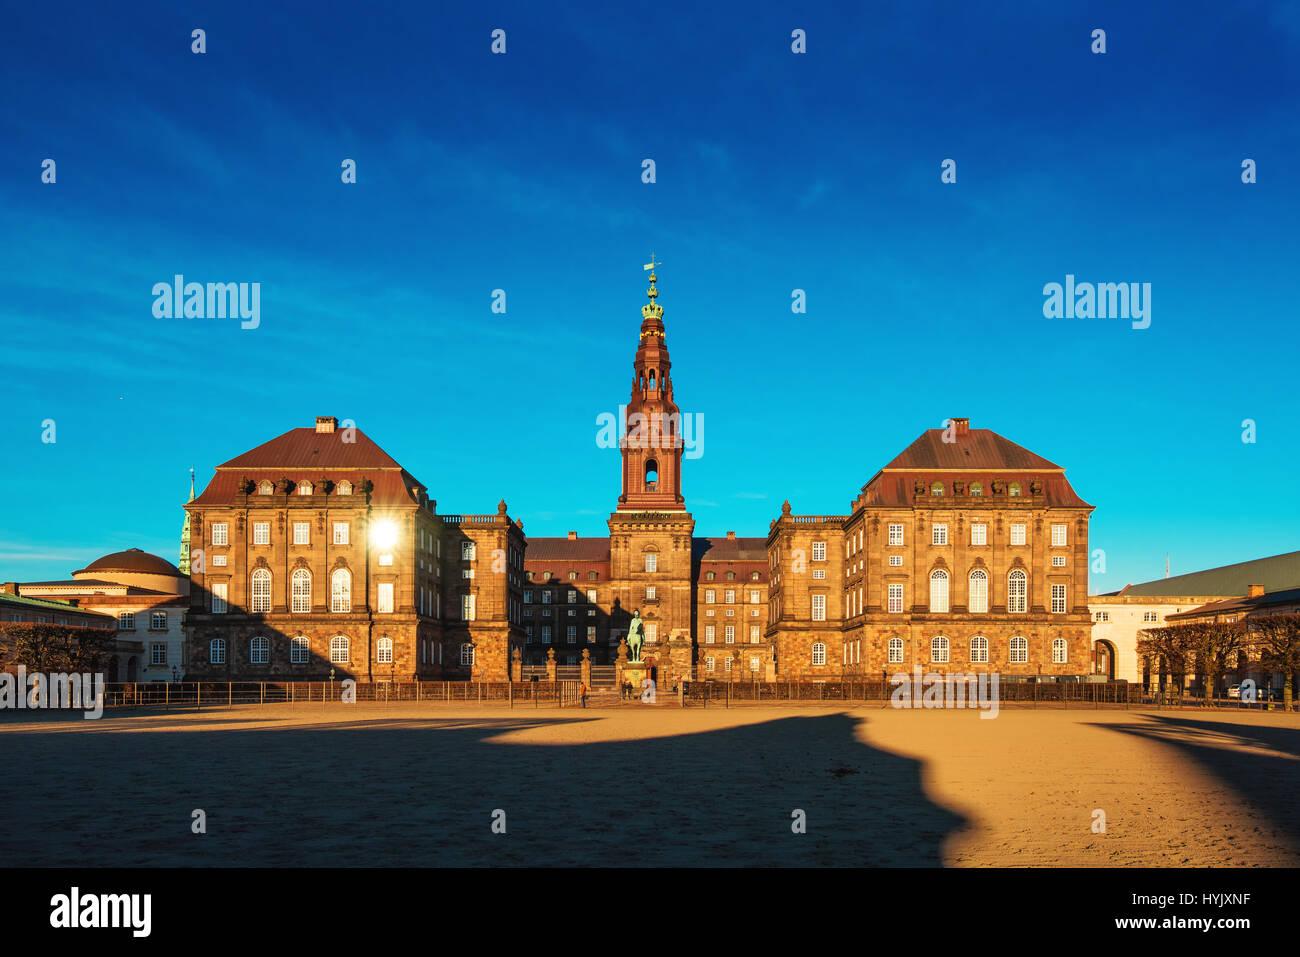 Kopenhagen, Dänemark - 11. März 2017: Schloss Christiansborg in Kopenhagen Dänemark, dänische Stockbild